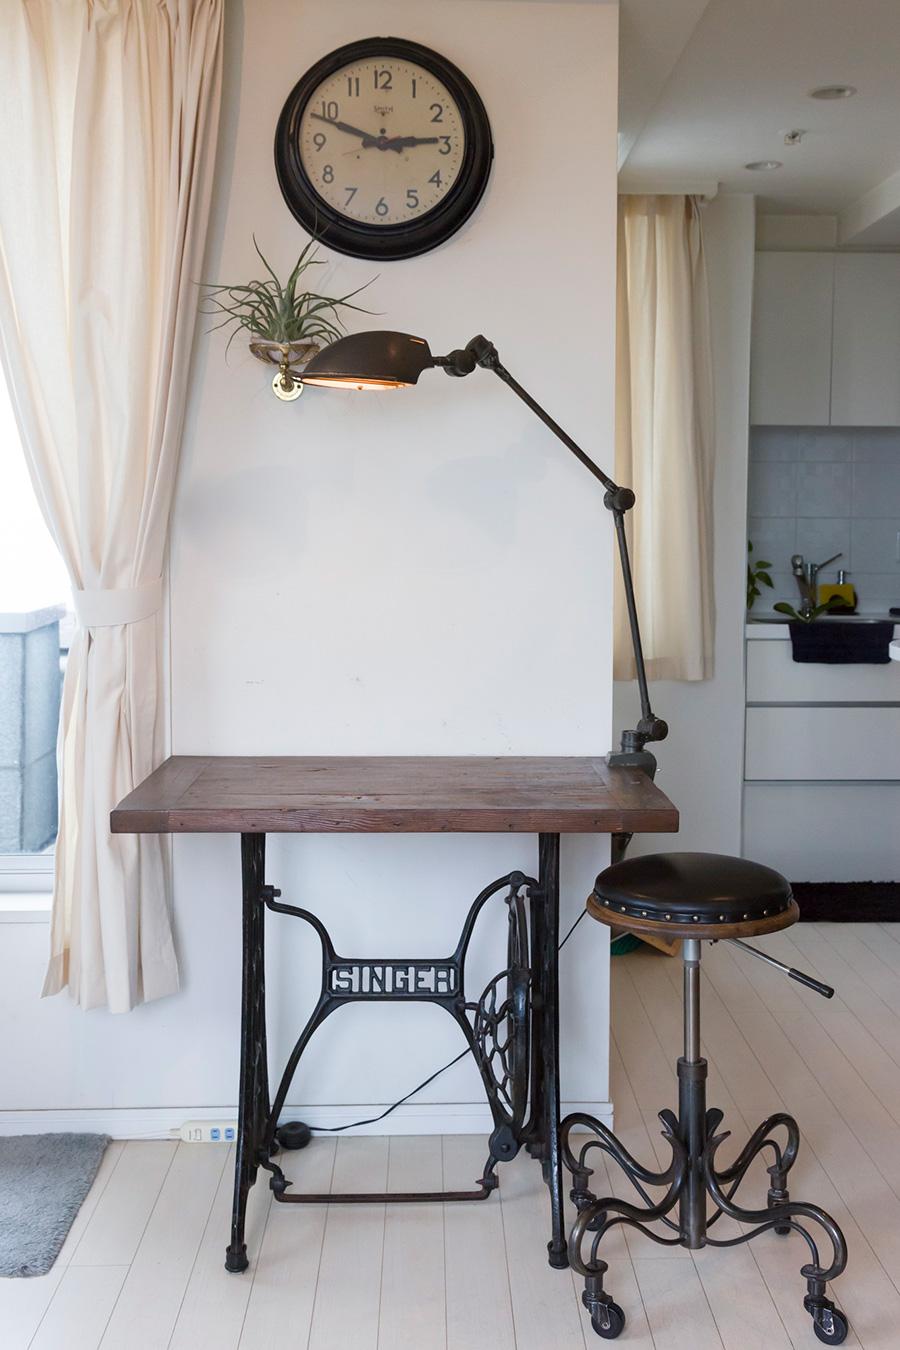 アンティークのミシン台や美容院のリプロダクトの椅子。調度品はほとんどこのマンションに越してきて揃えた。